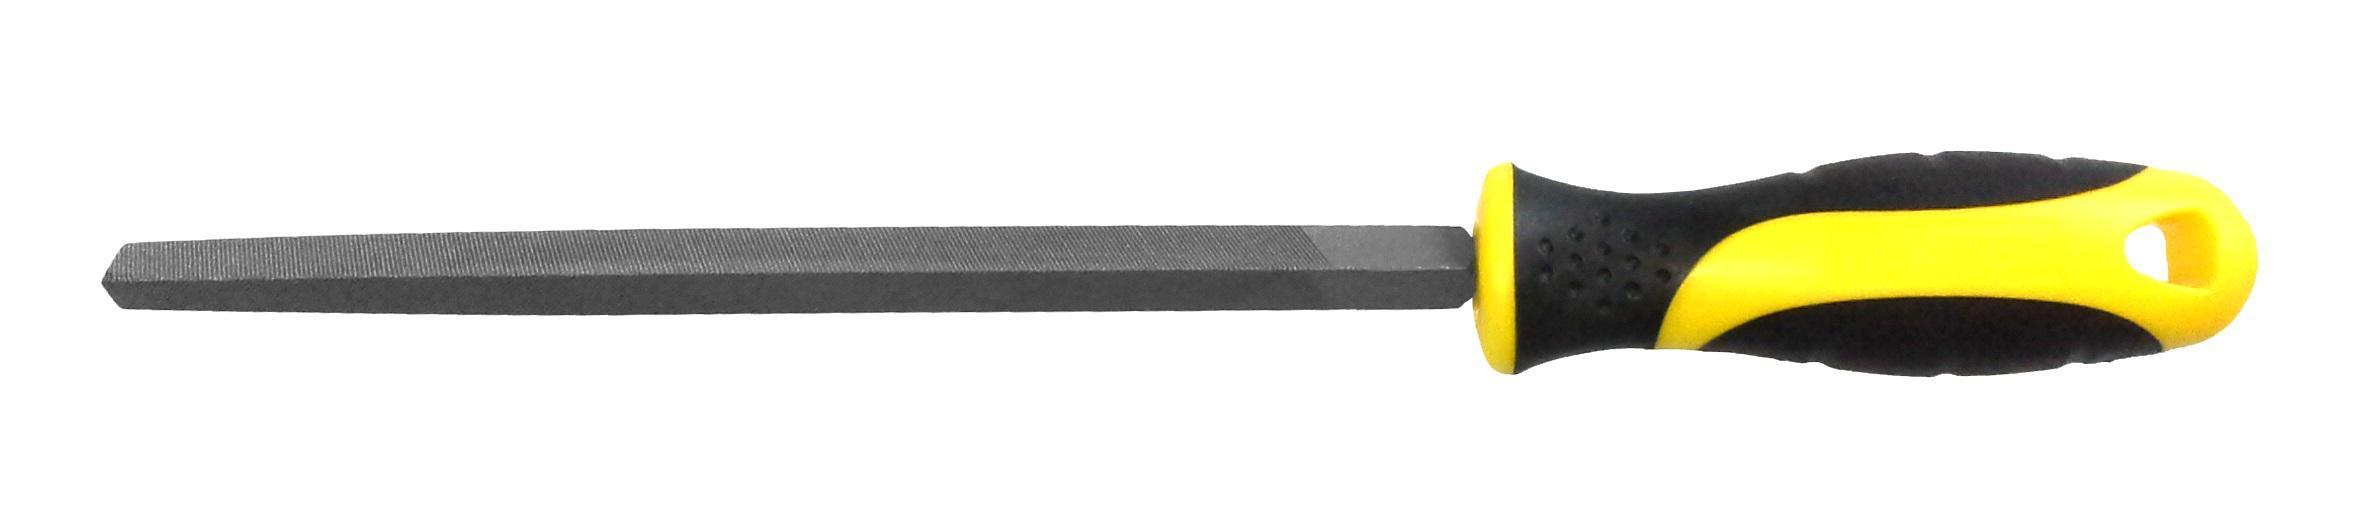 Напильник Berger Bg1152 напильник berger плоский с рукояткой 200 мм bg1150